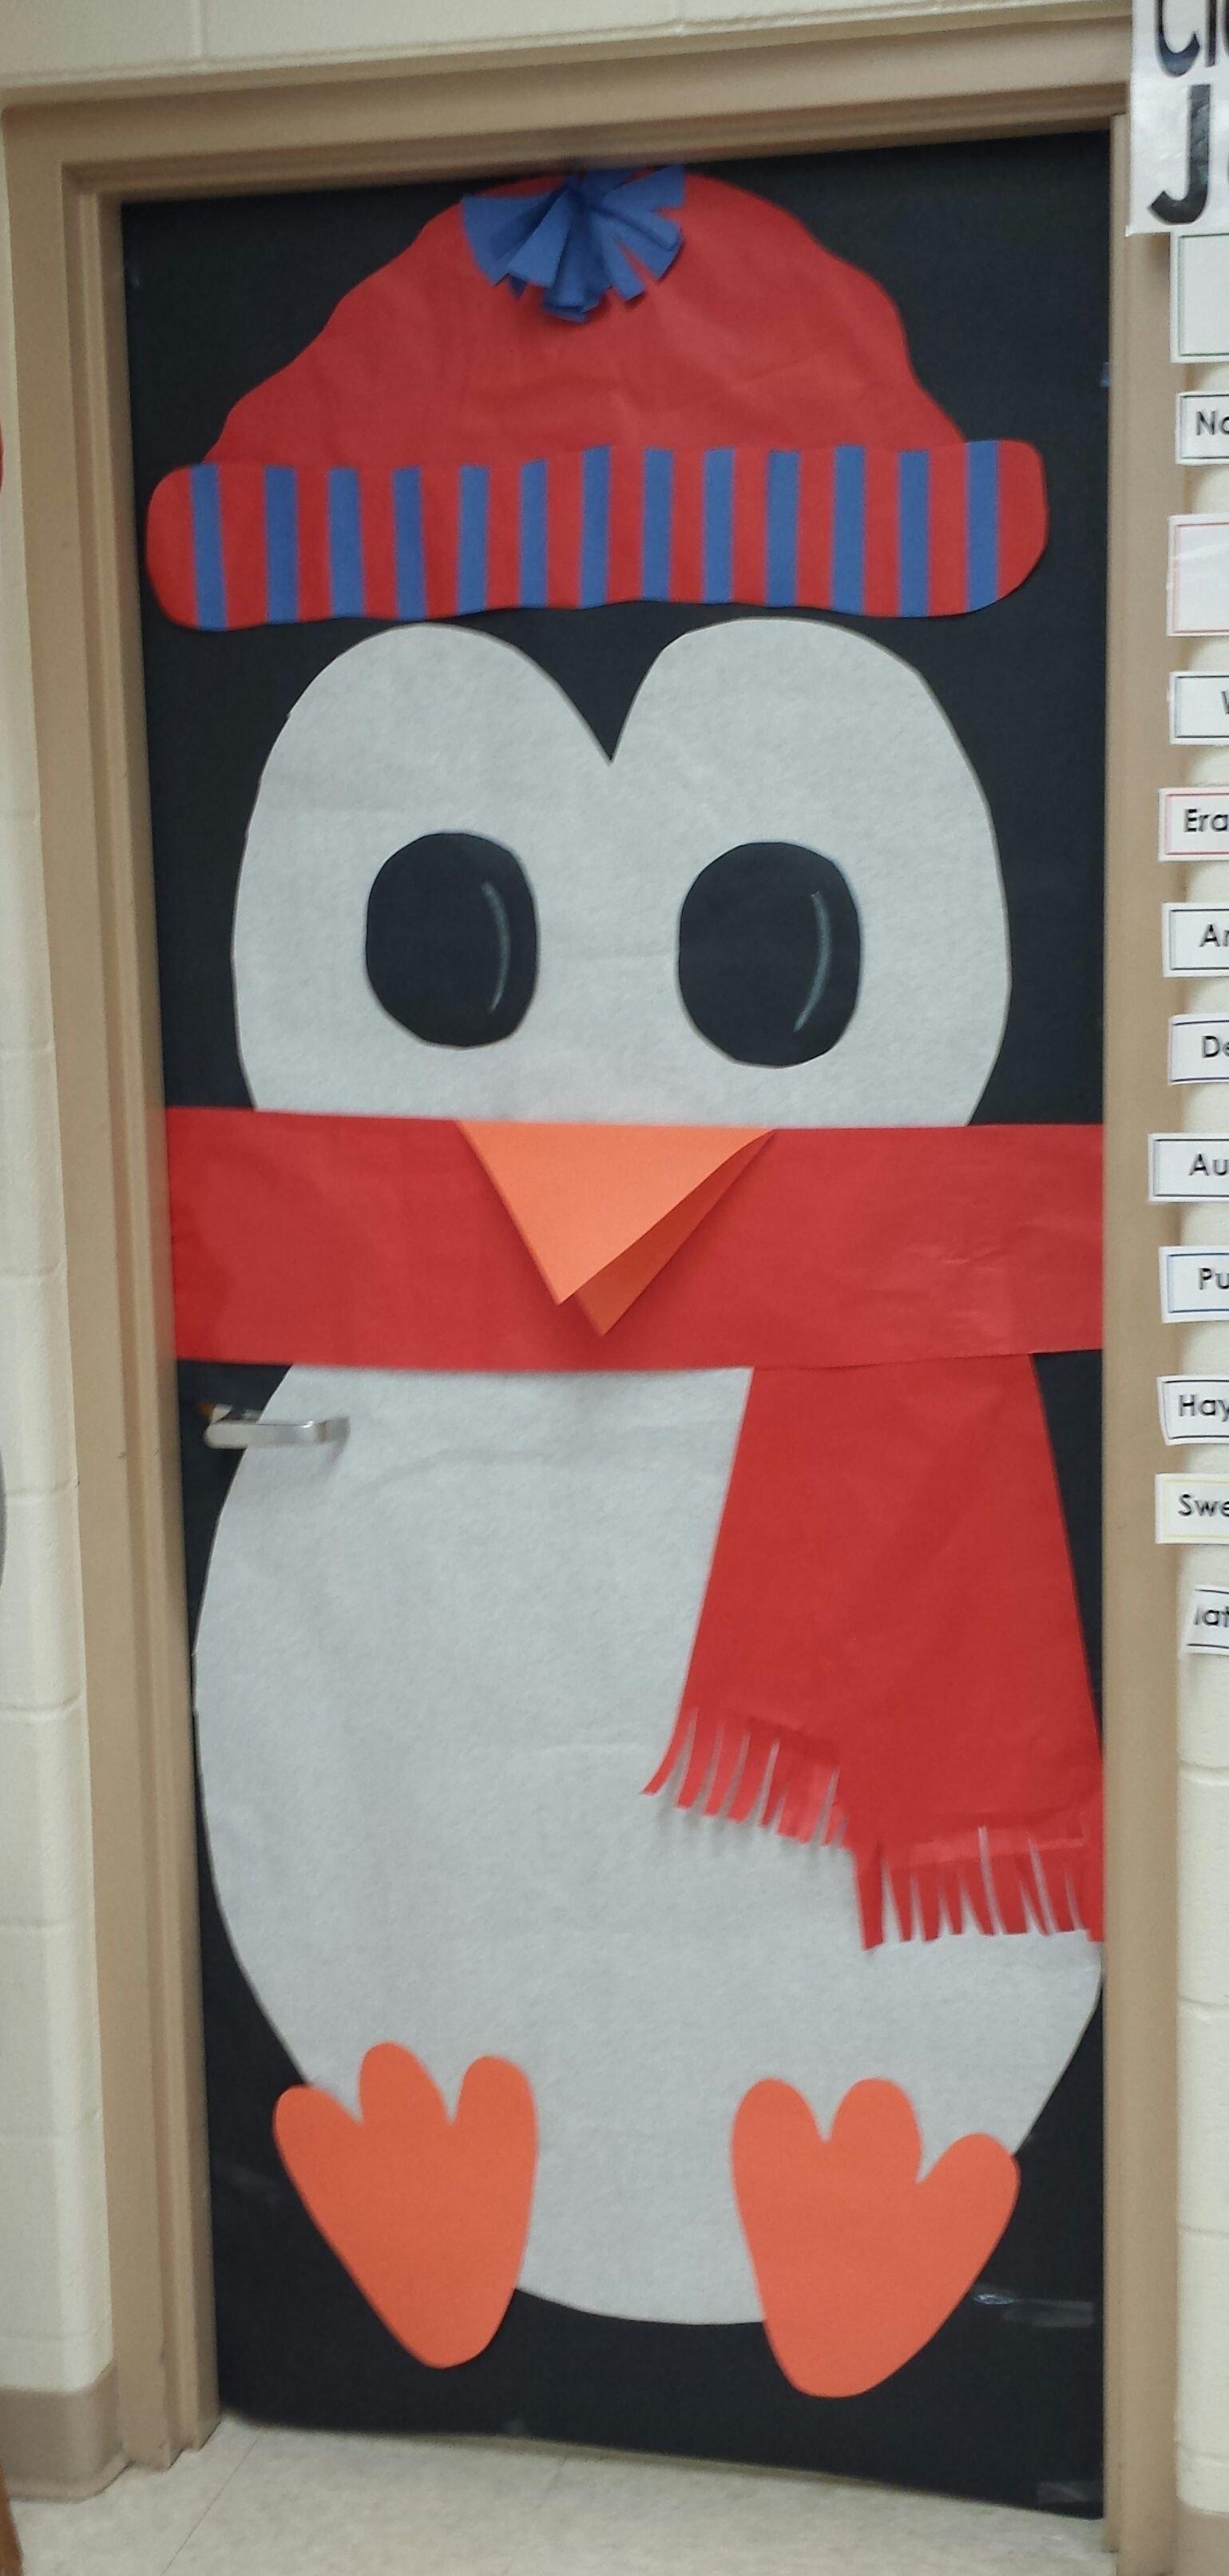 10 Wonderful Christmas Door Ideas For School door decorations new adventures pinterest doors decoration 2020